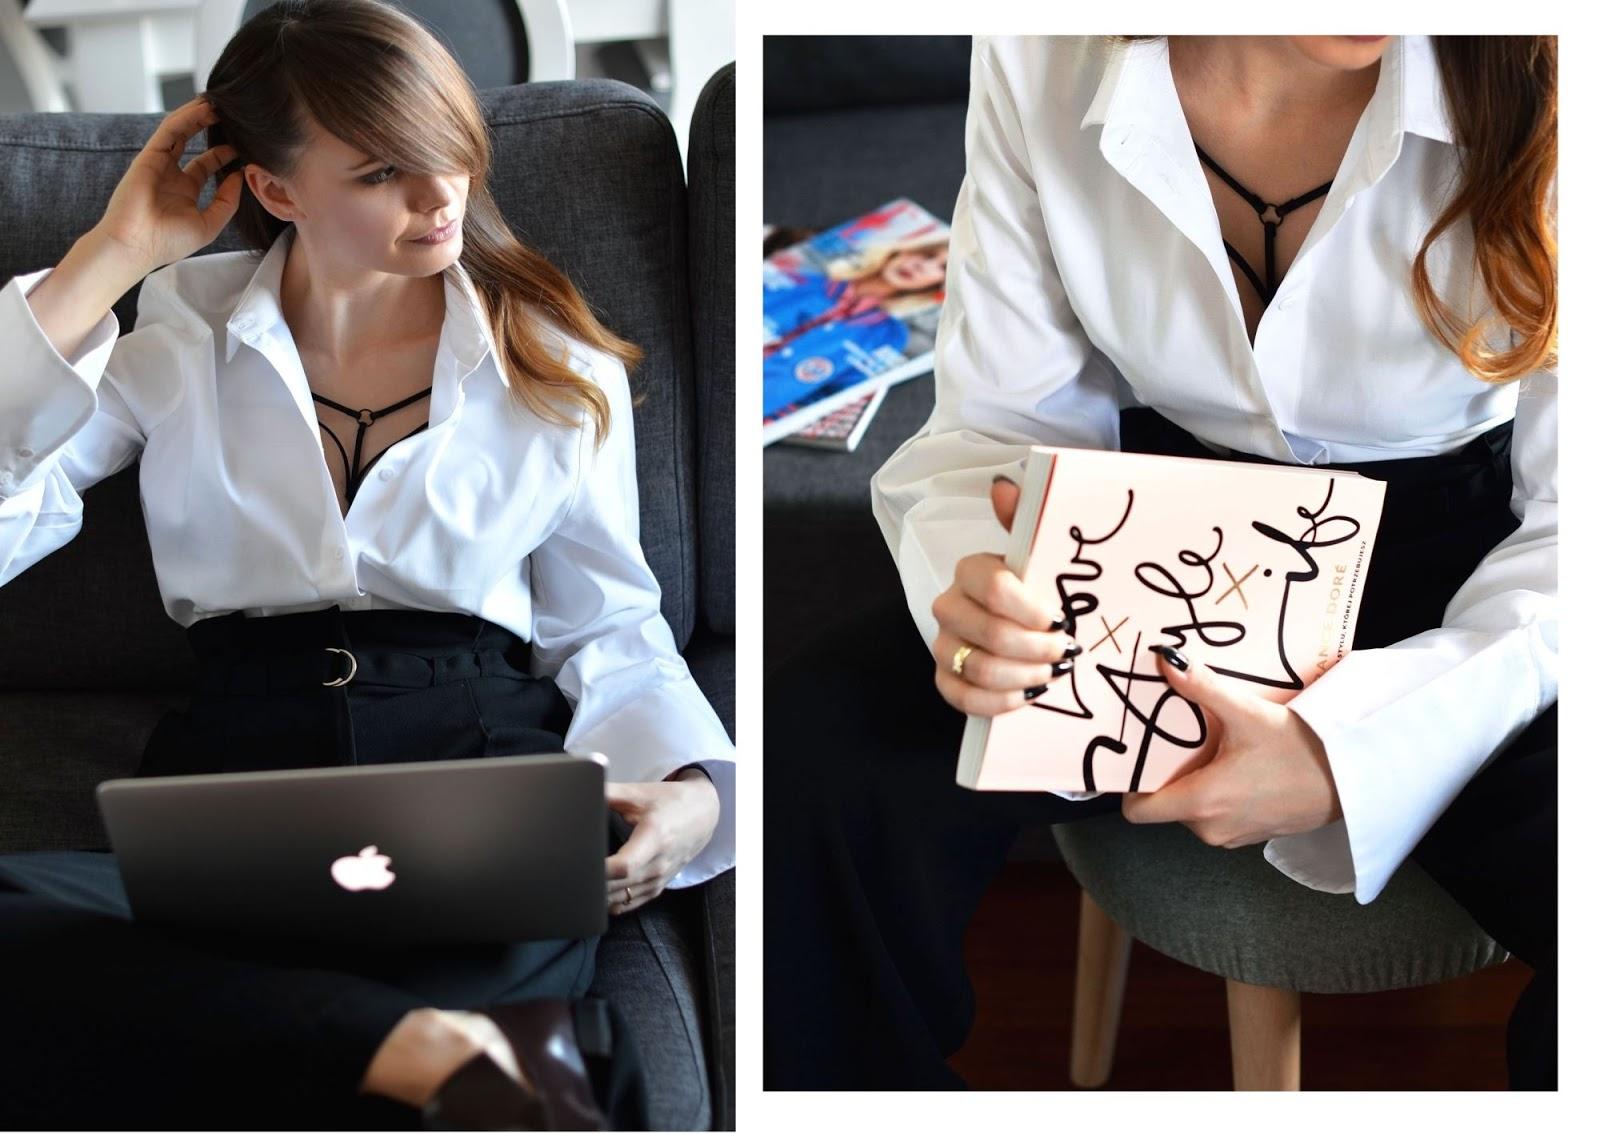 fakty o mnie | fakty na blogu | cammy blog o modzie | blogerka modowa